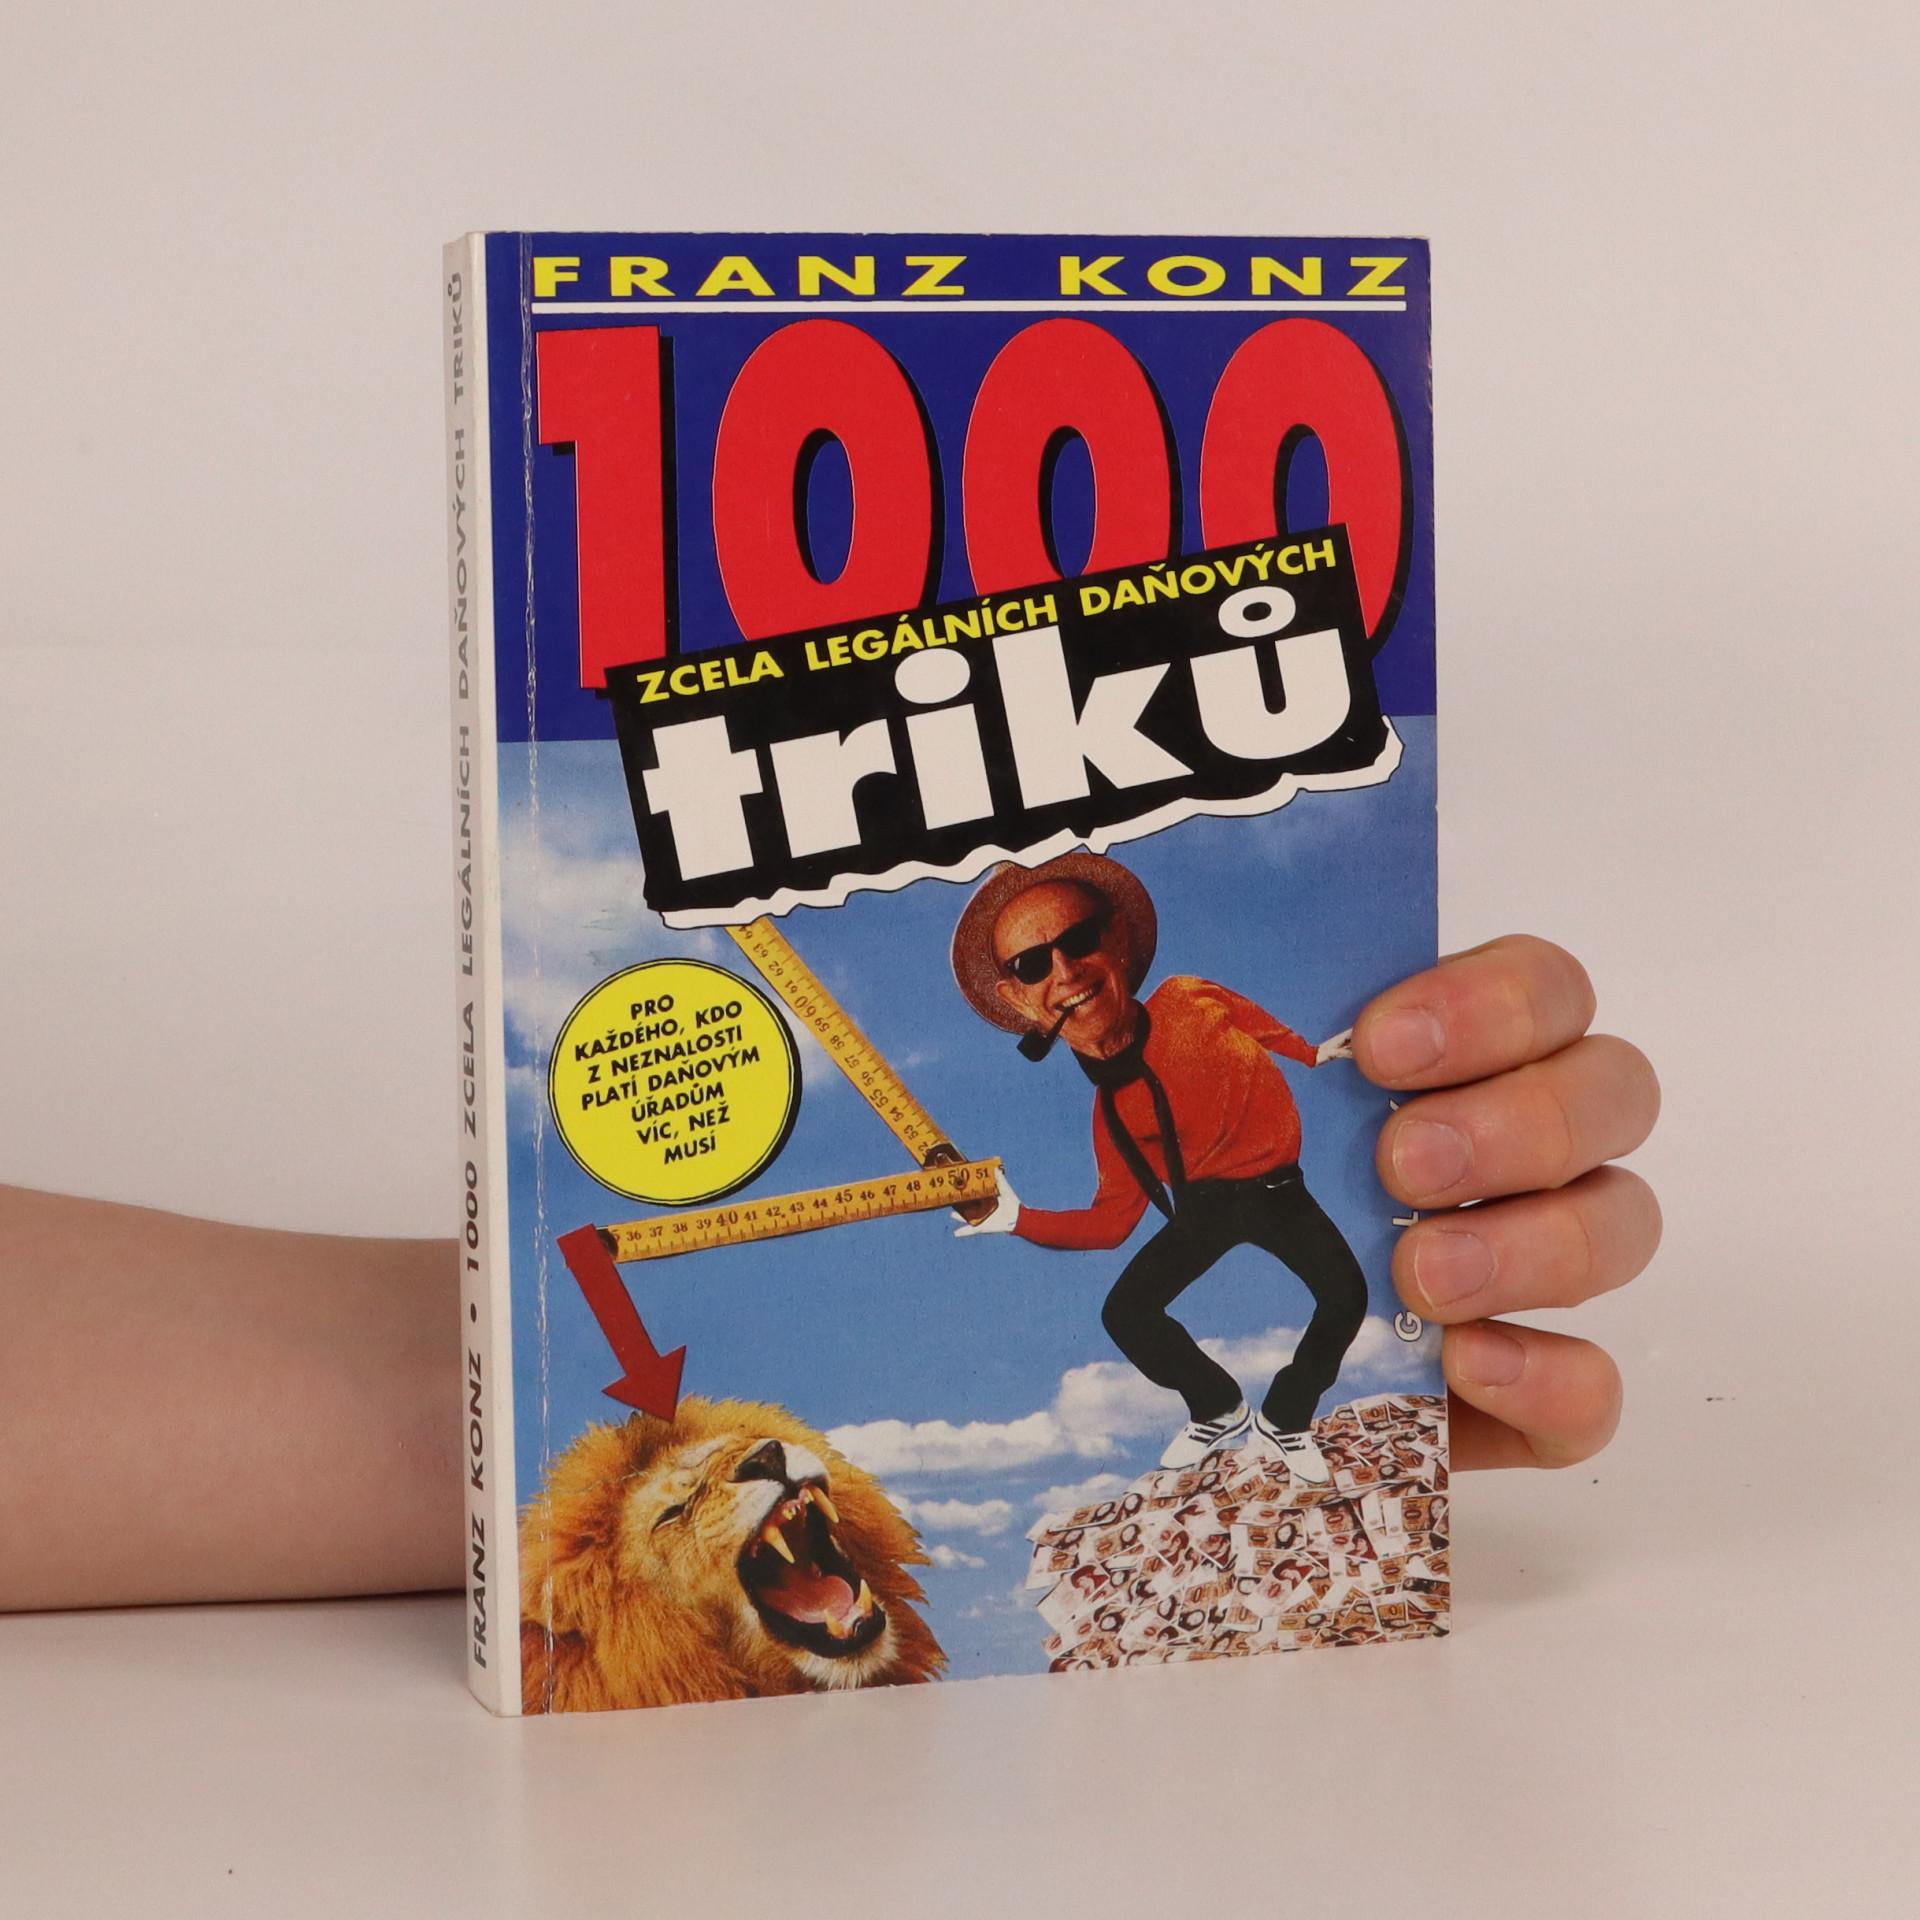 antikvární kniha 1000 zcela legálních daňových triků , 1992